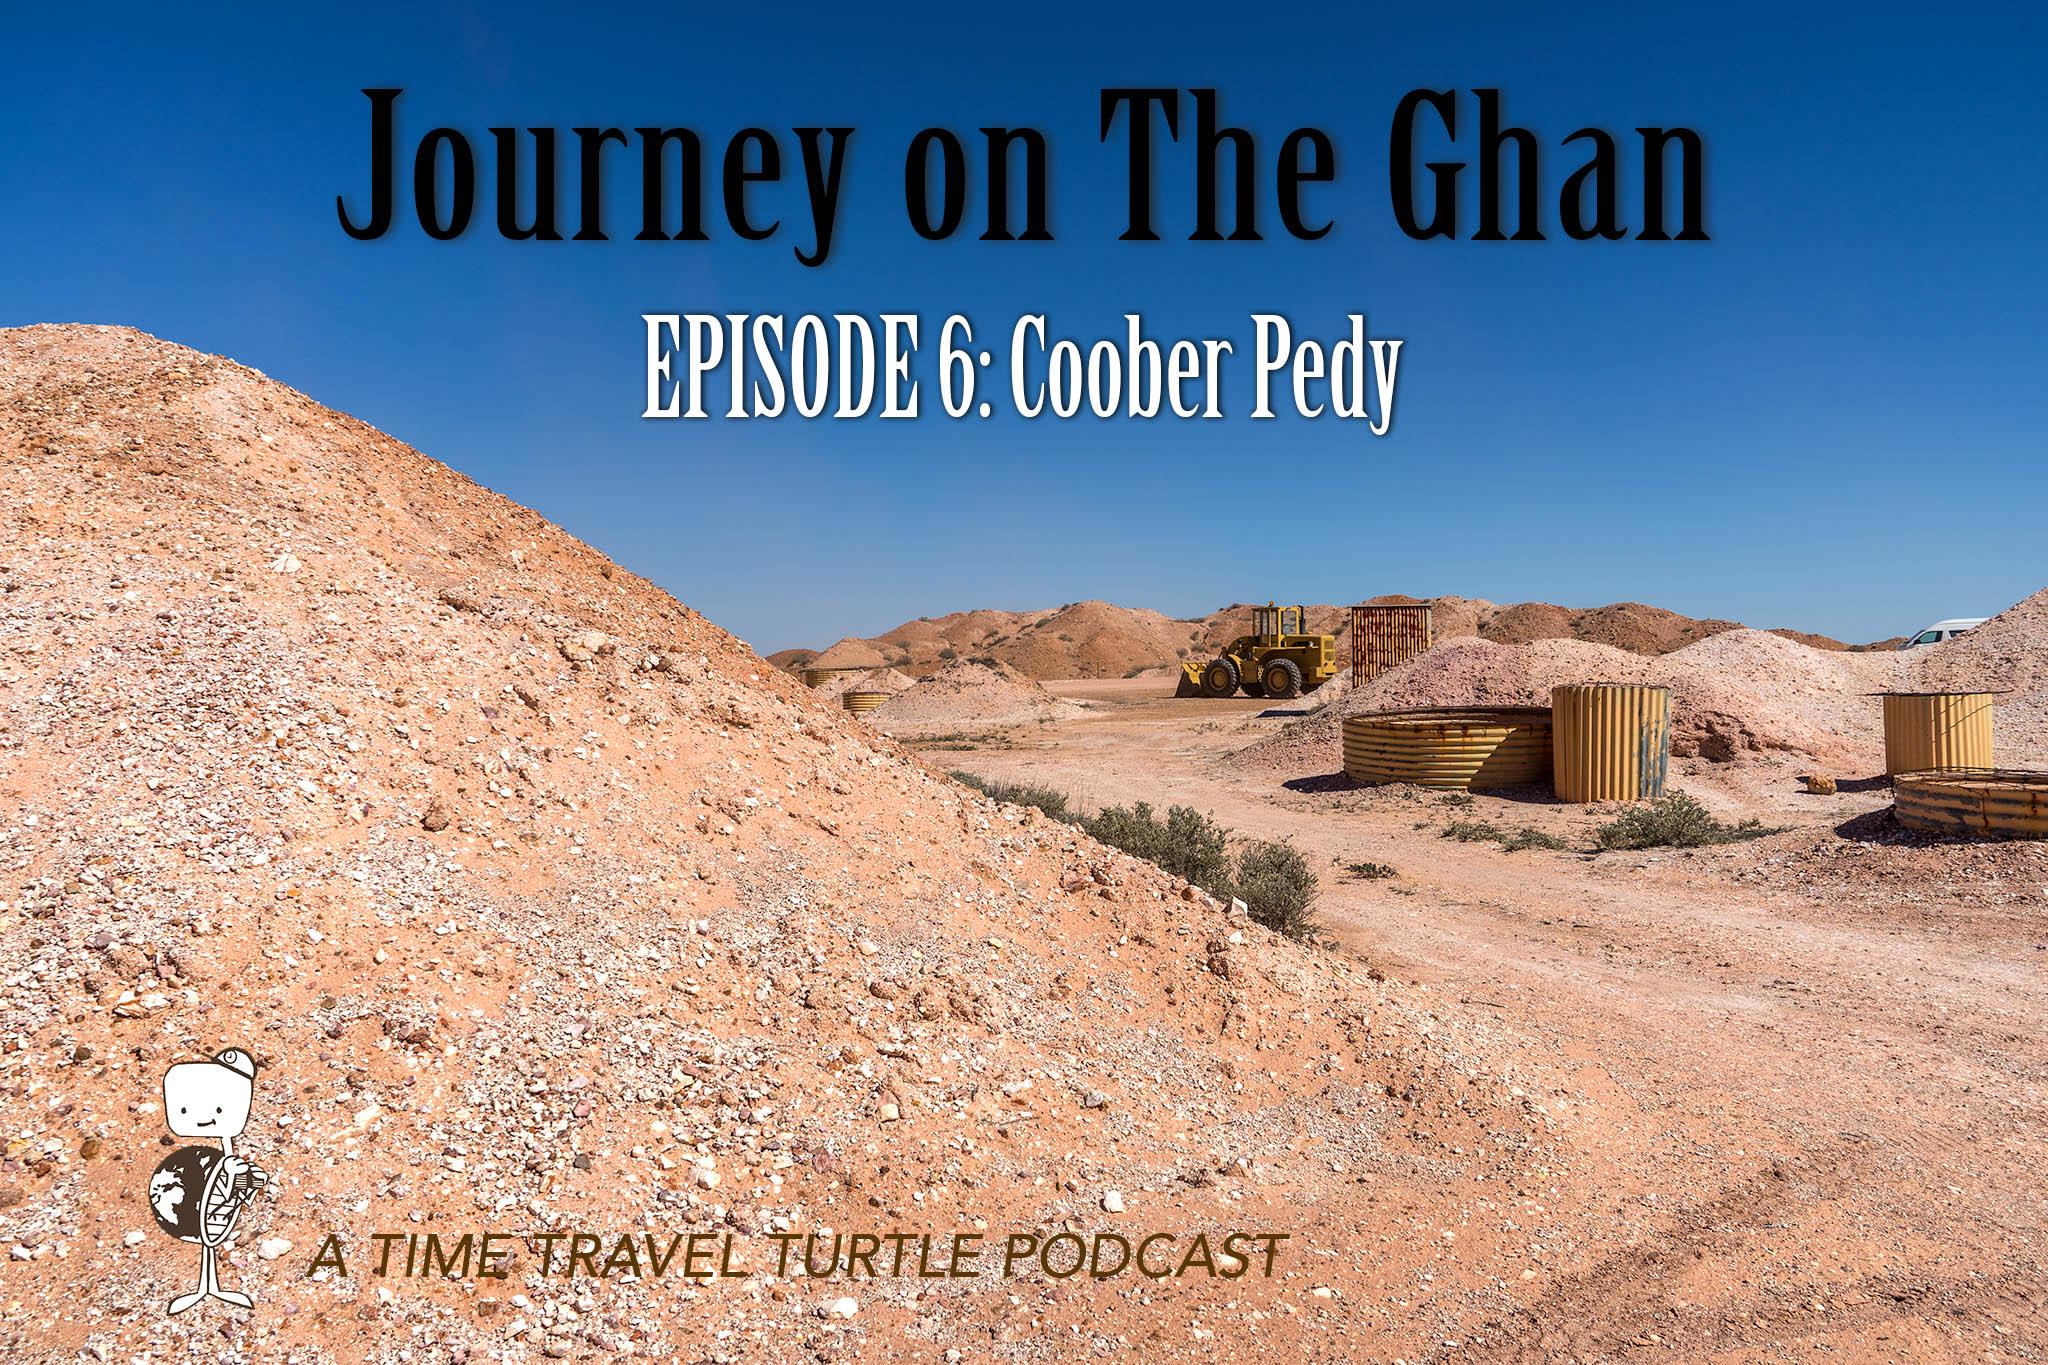 Episode 6: Coober Pedy